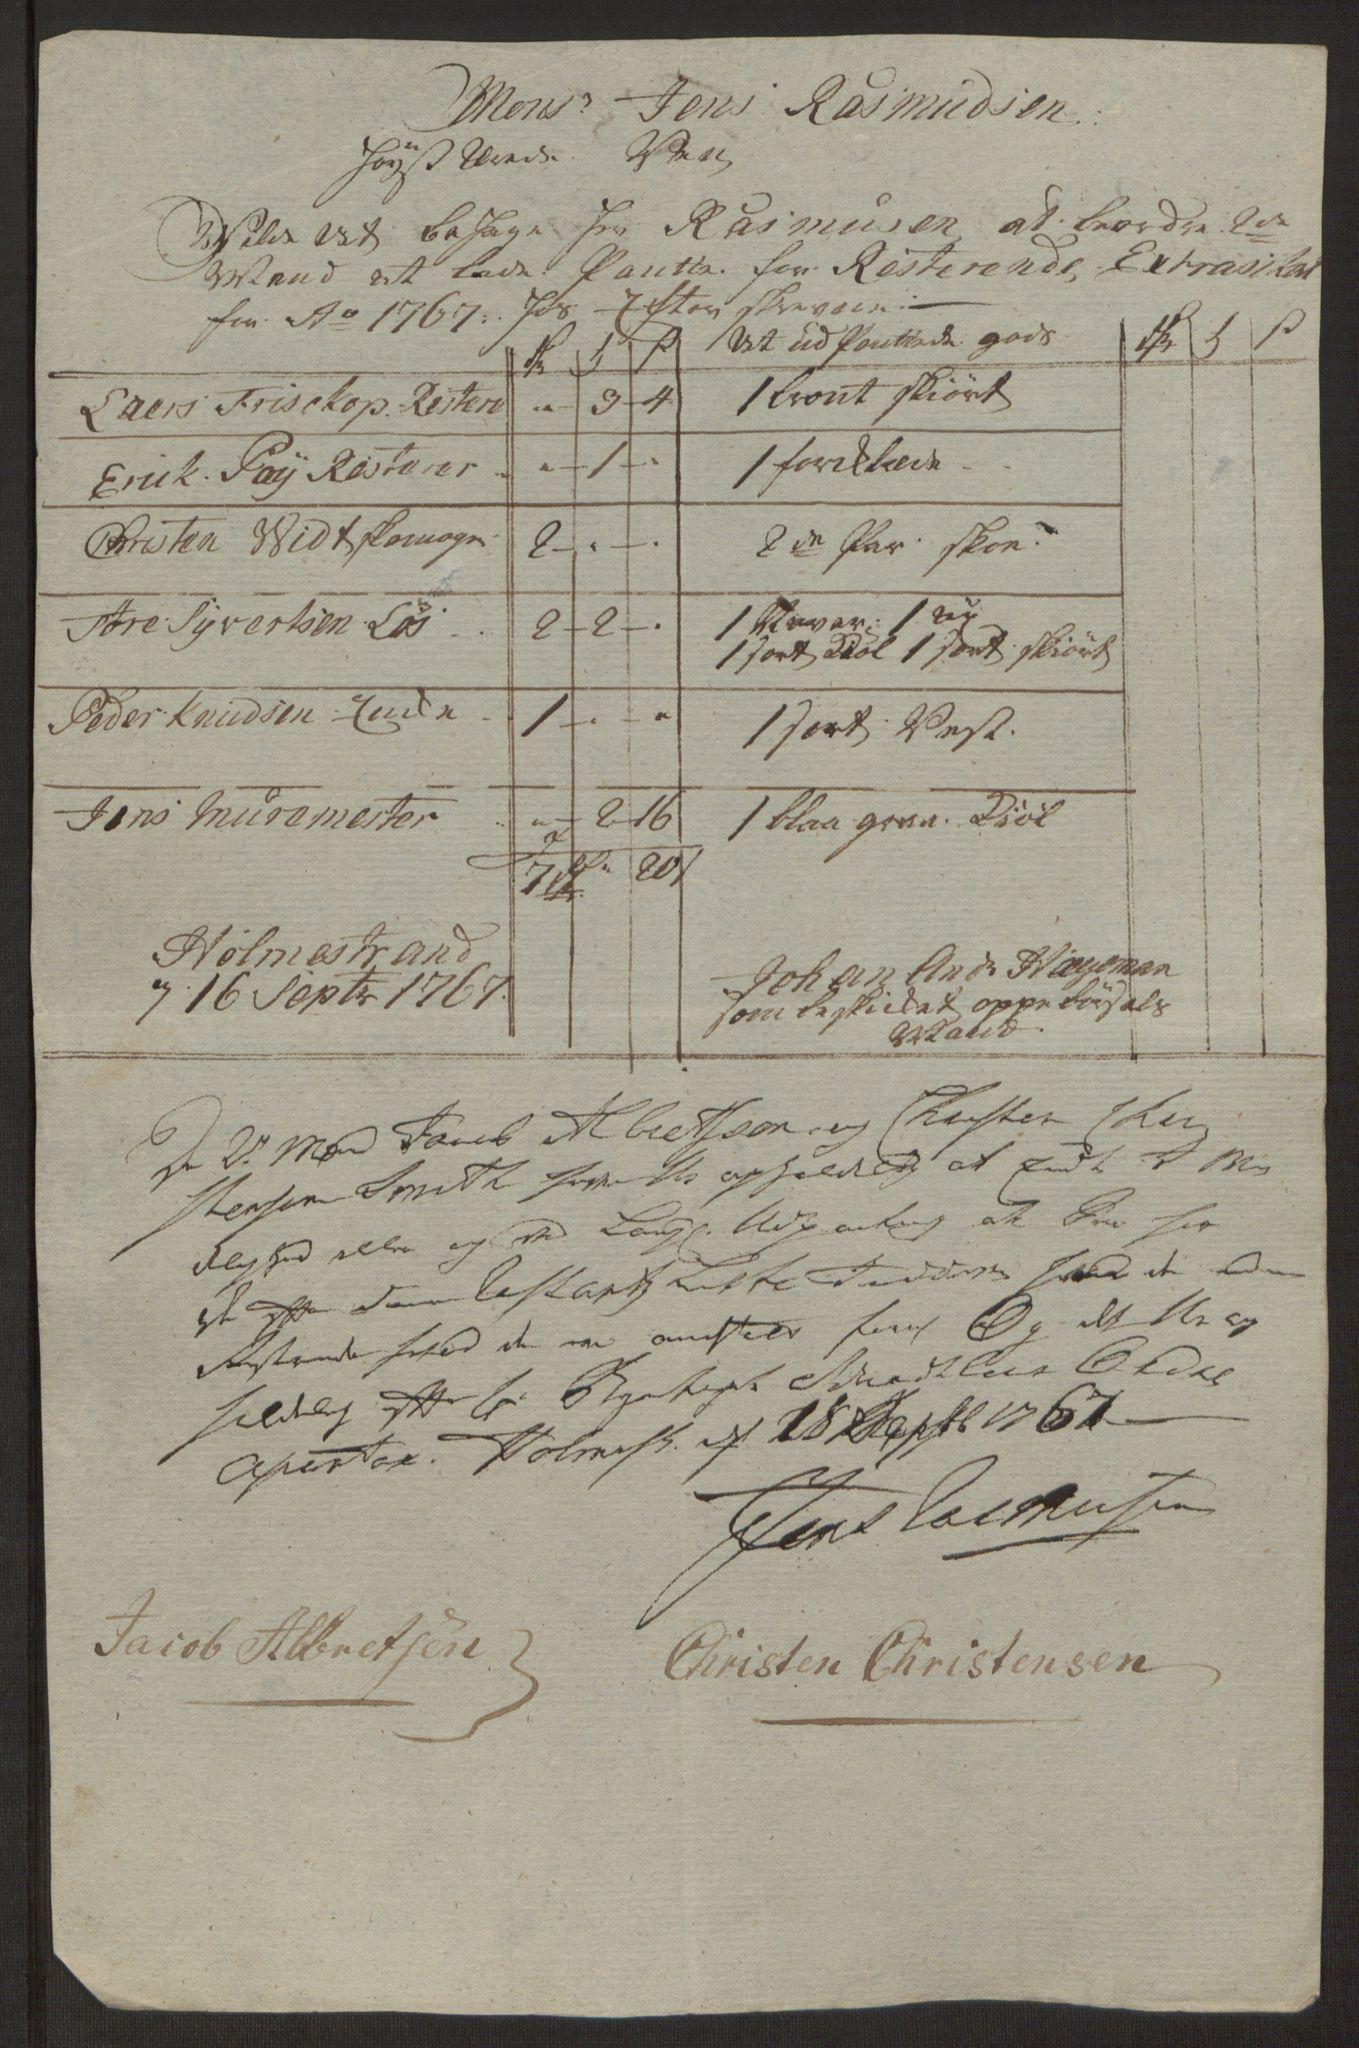 RA, Rentekammeret inntil 1814, Reviderte regnskaper, Byregnskaper, R/Rh/L0163: [H4] Kontribusjonsregnskap, 1762-1772, s. 374